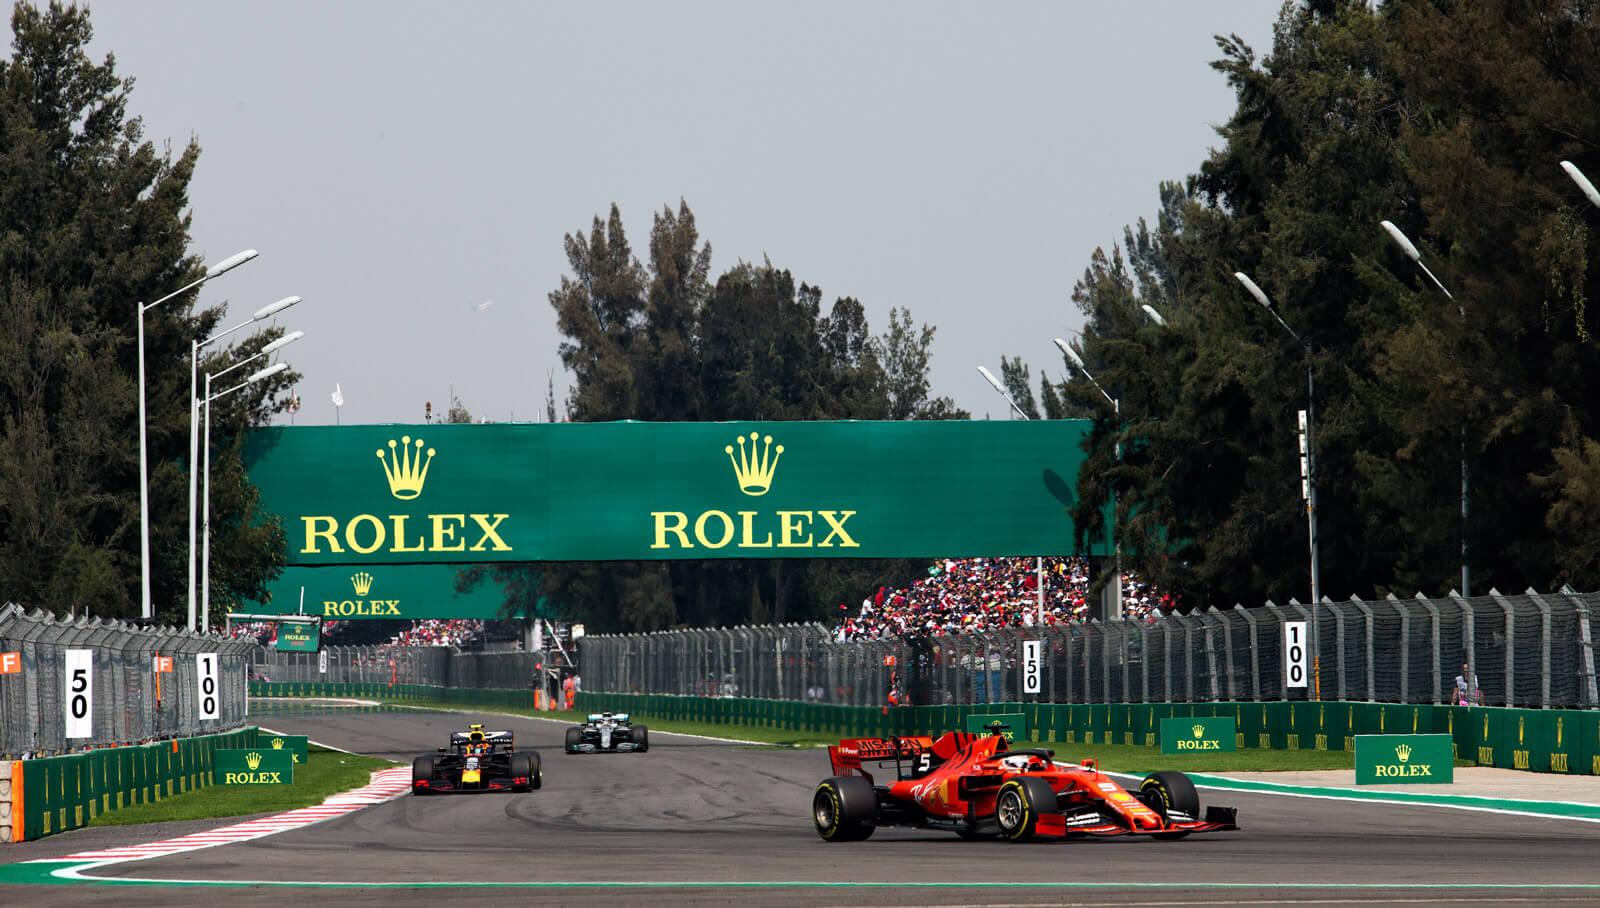 Rolex & Formula 1® 70th Anniversary Grand Prix